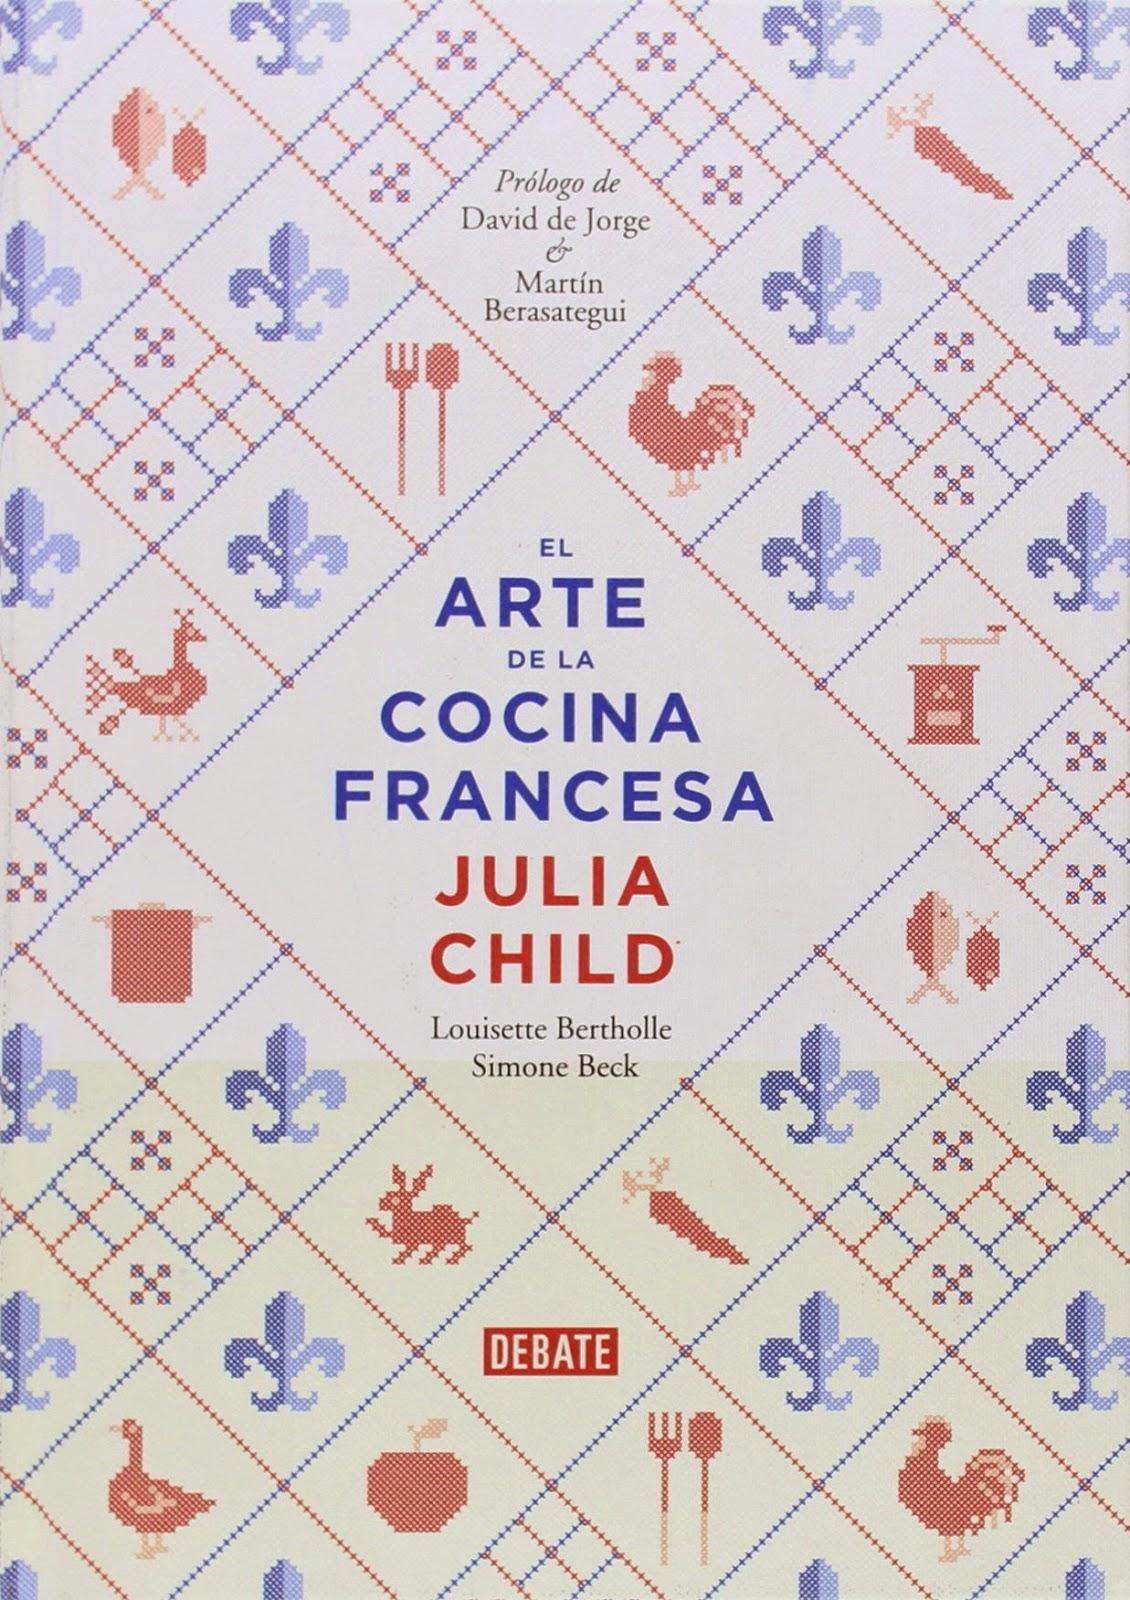 El arte de la cocina francesa dossier for Cocina francesa canal cocina